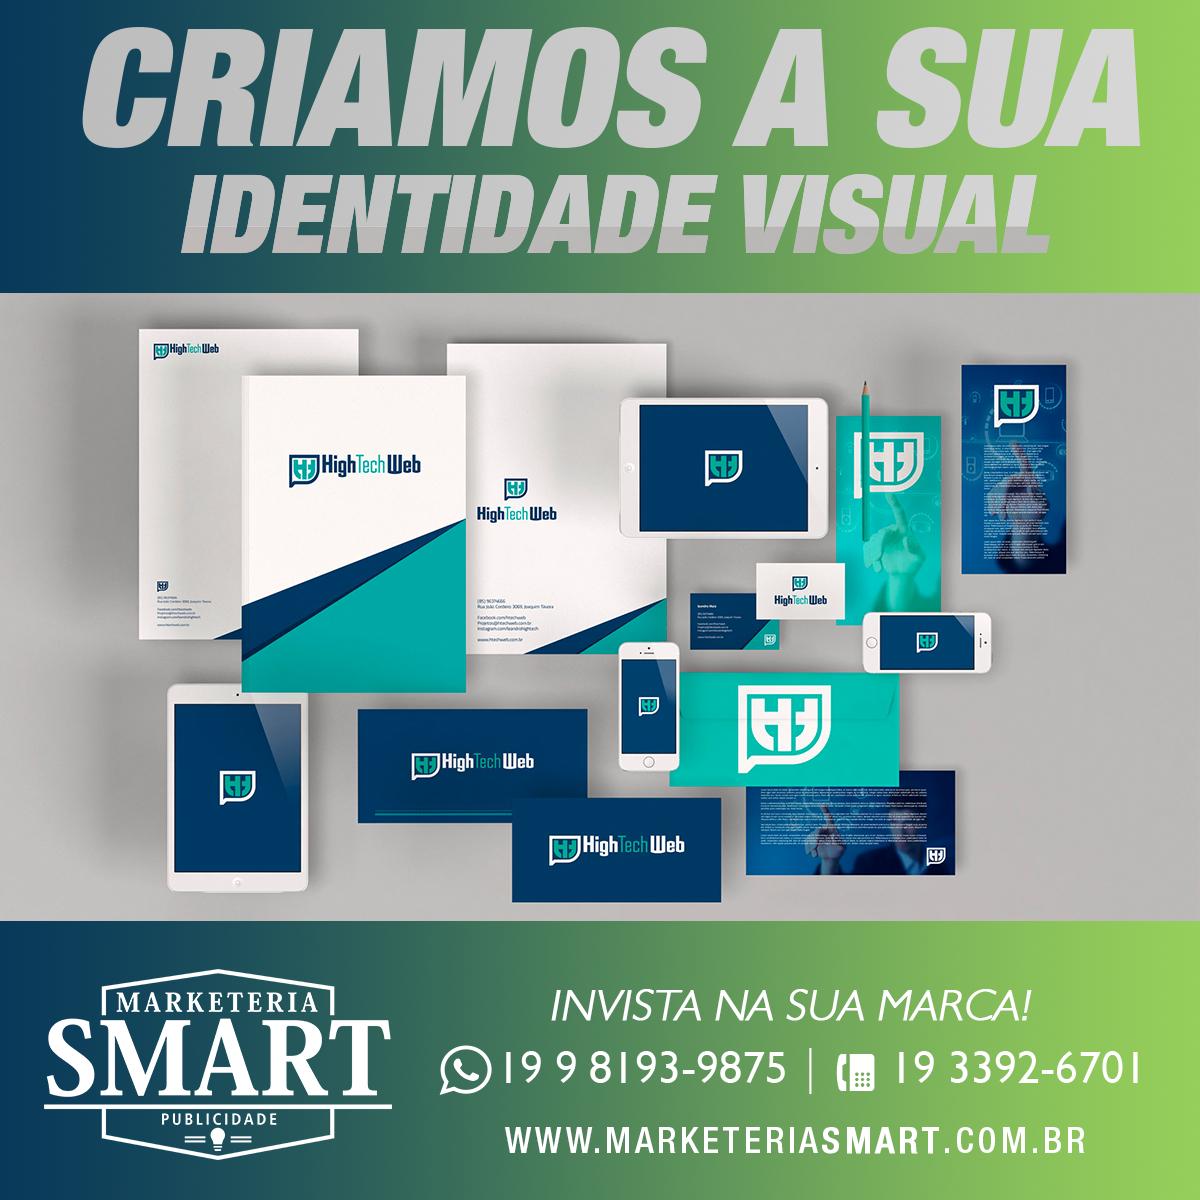 A indentidade Visual de uma empresa fortalece o relacionamento com seus clientes e estabelece sua marca no mercado! #invistanasuamarca